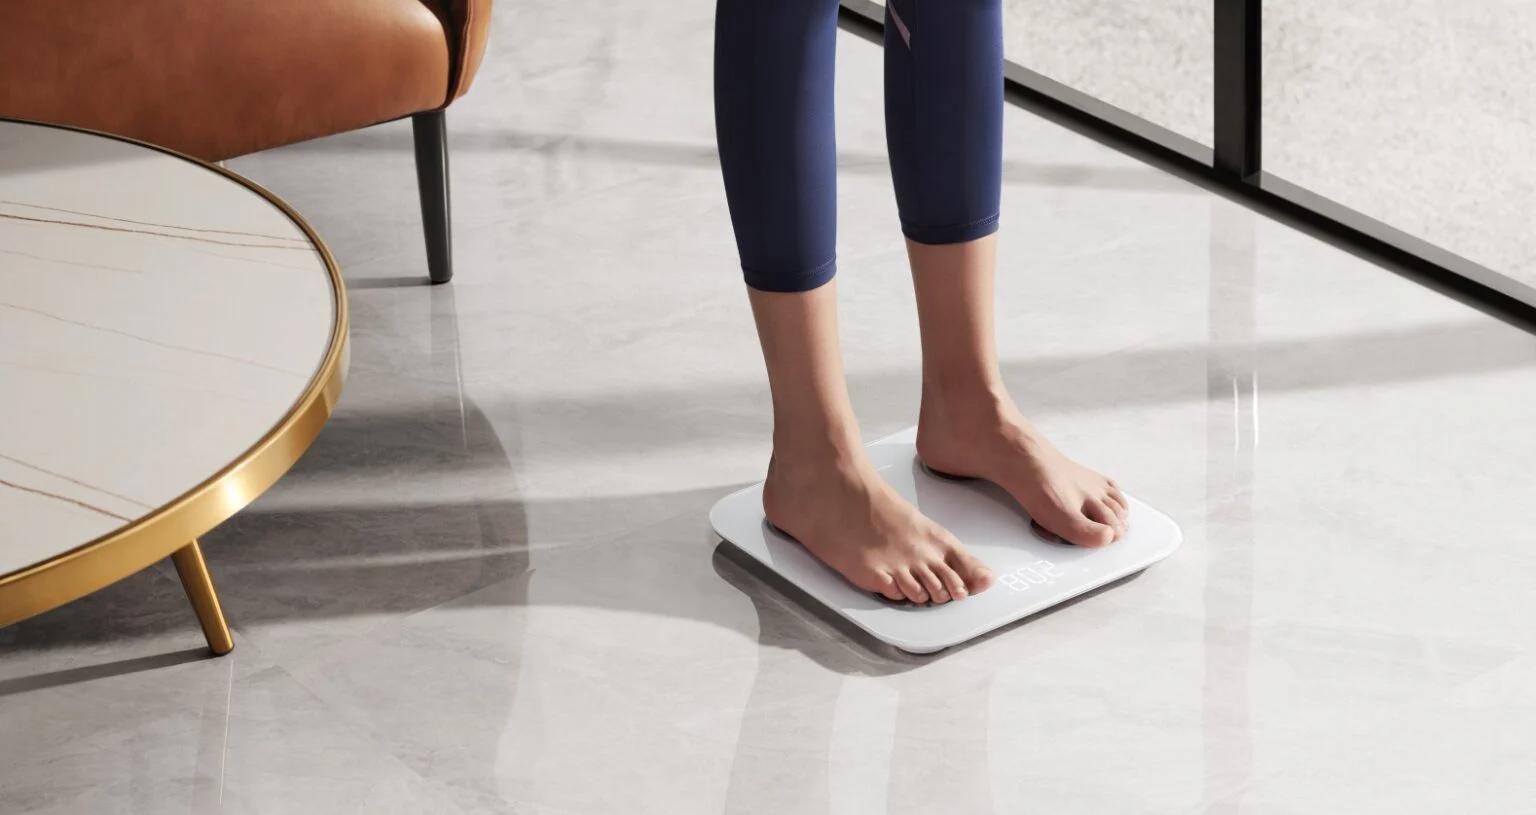 Huawei Smart Body Fat Scale 3 - nowa waga inteligentna, którą warto się zainteresować